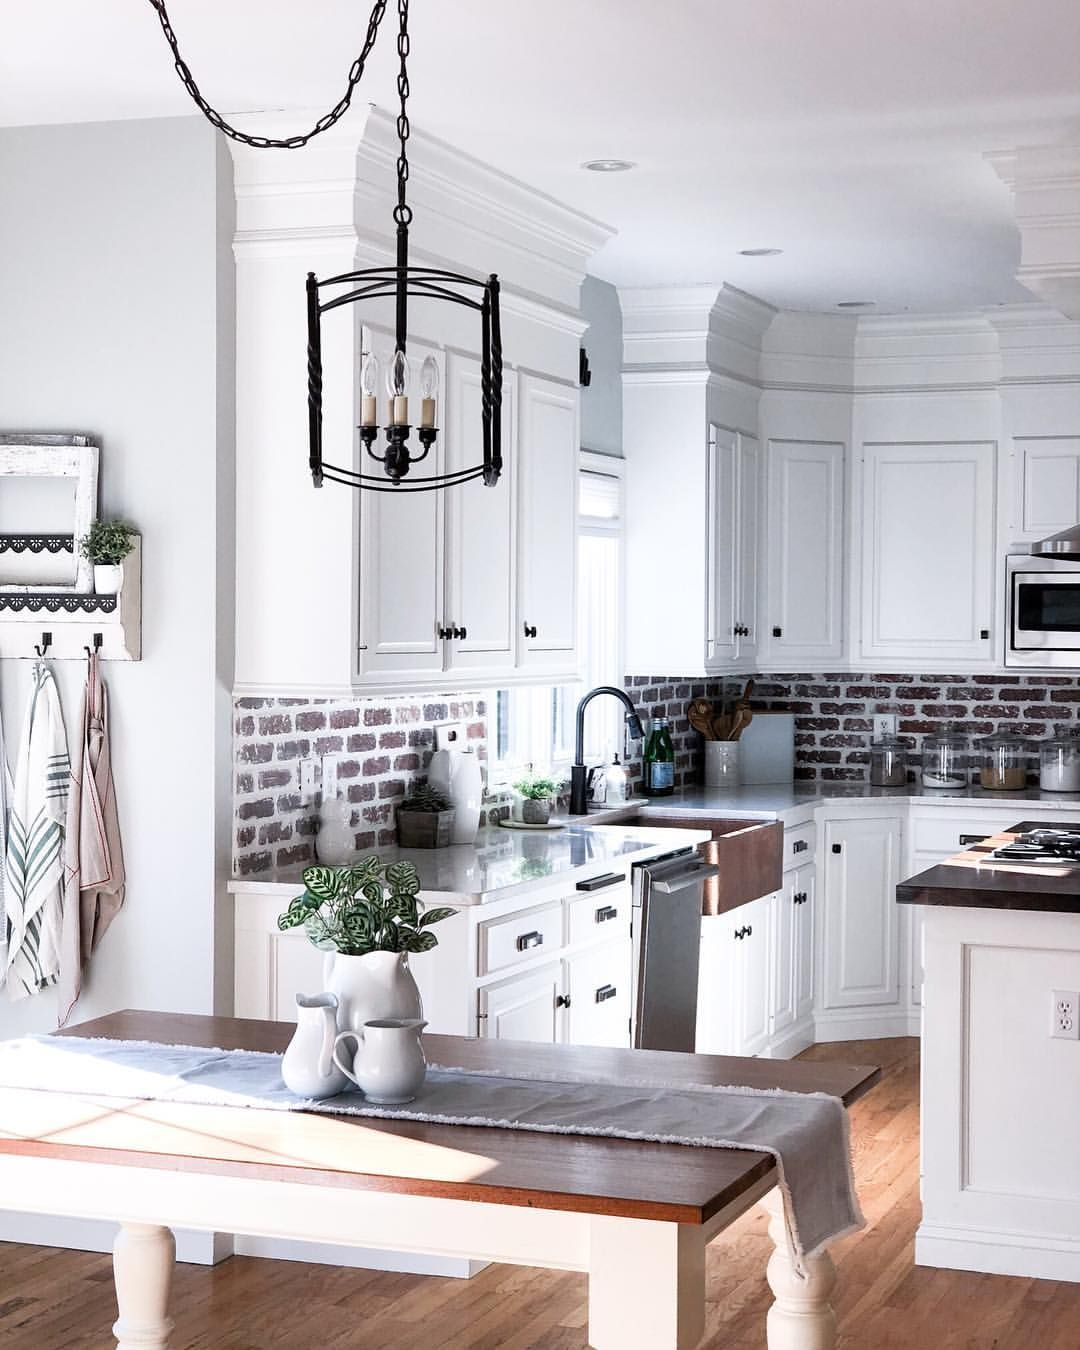 Farmhouse Kitchen Brick Backsplash White Kitchen Kitchen Remodel Kitchen Backsplash Designs Kitchen Cabinetry Design Chic Kitchen